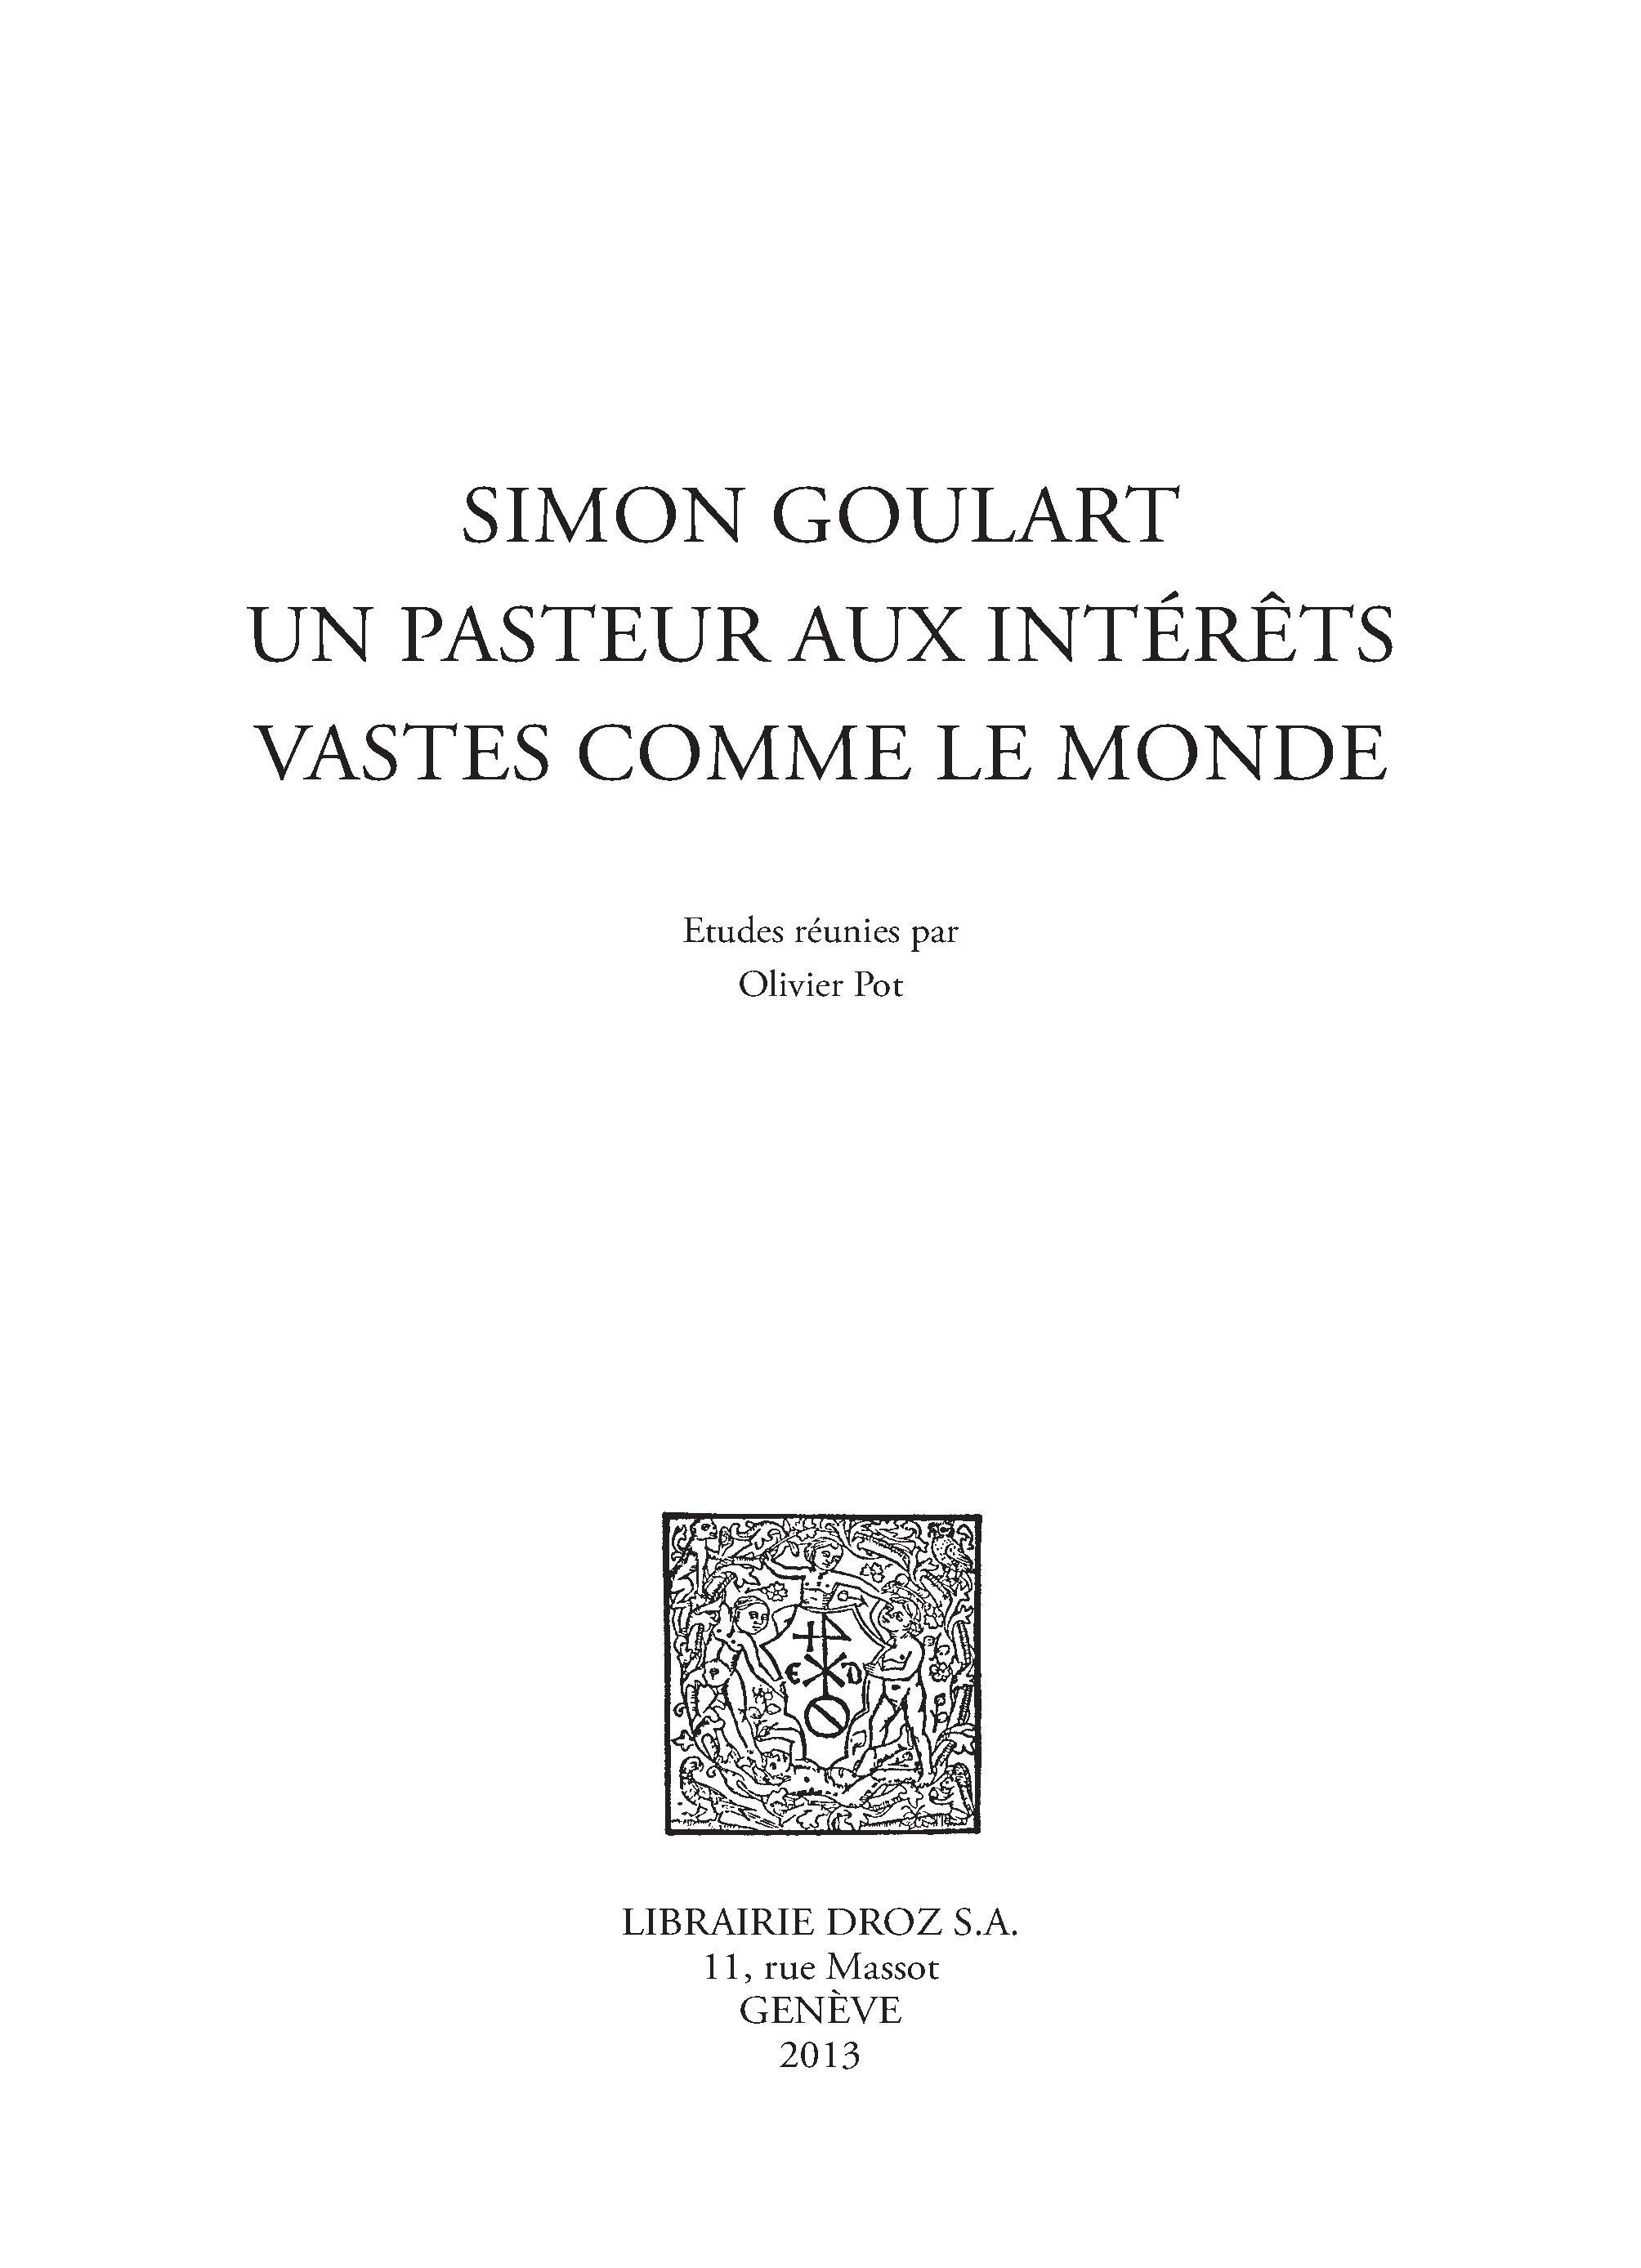 Vignette du livre Simon Goulart, un pasteur aux intérêts vastes comme le monde